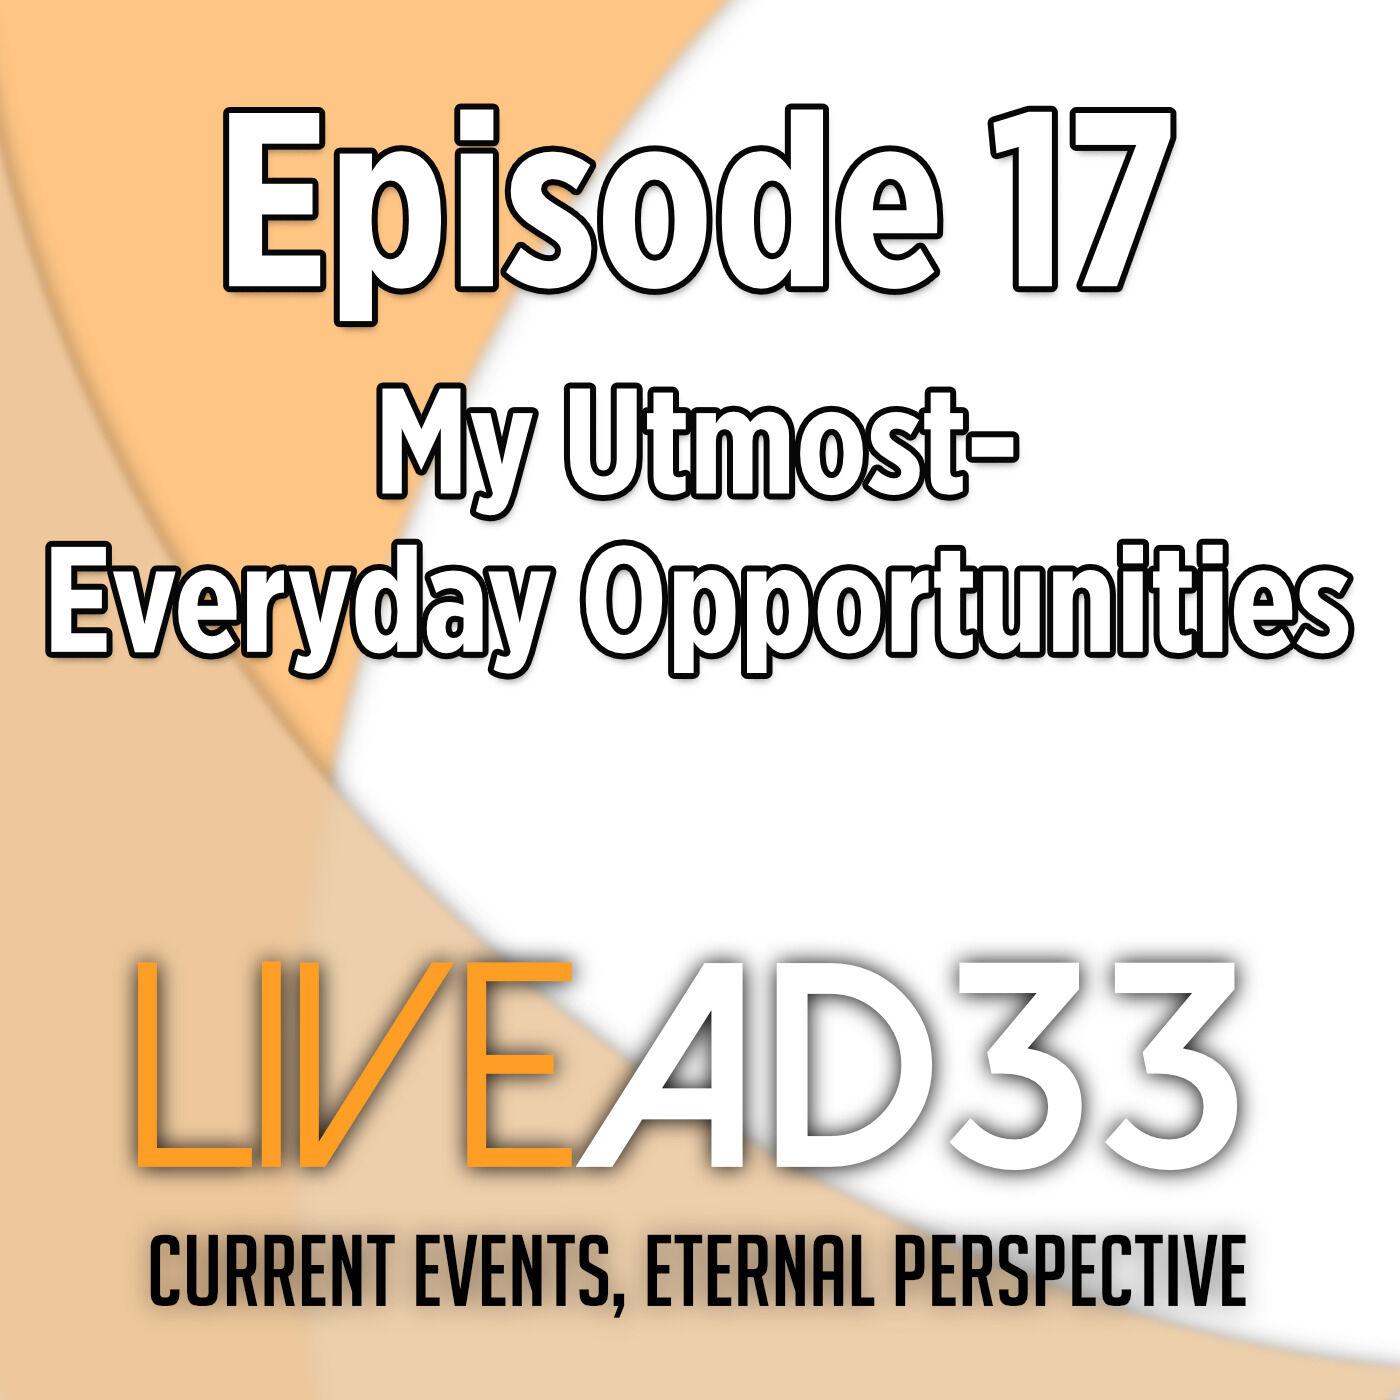 My Utmost- Everyday Opportunites